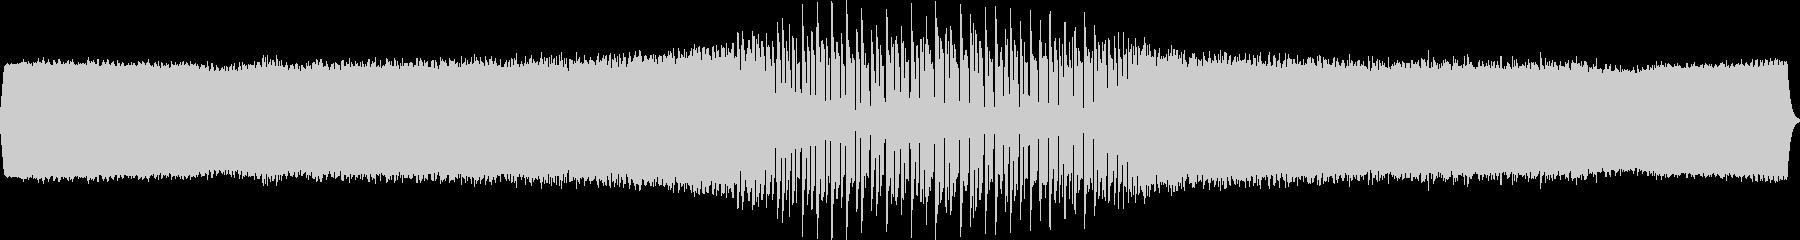 アナログFX 2の未再生の波形